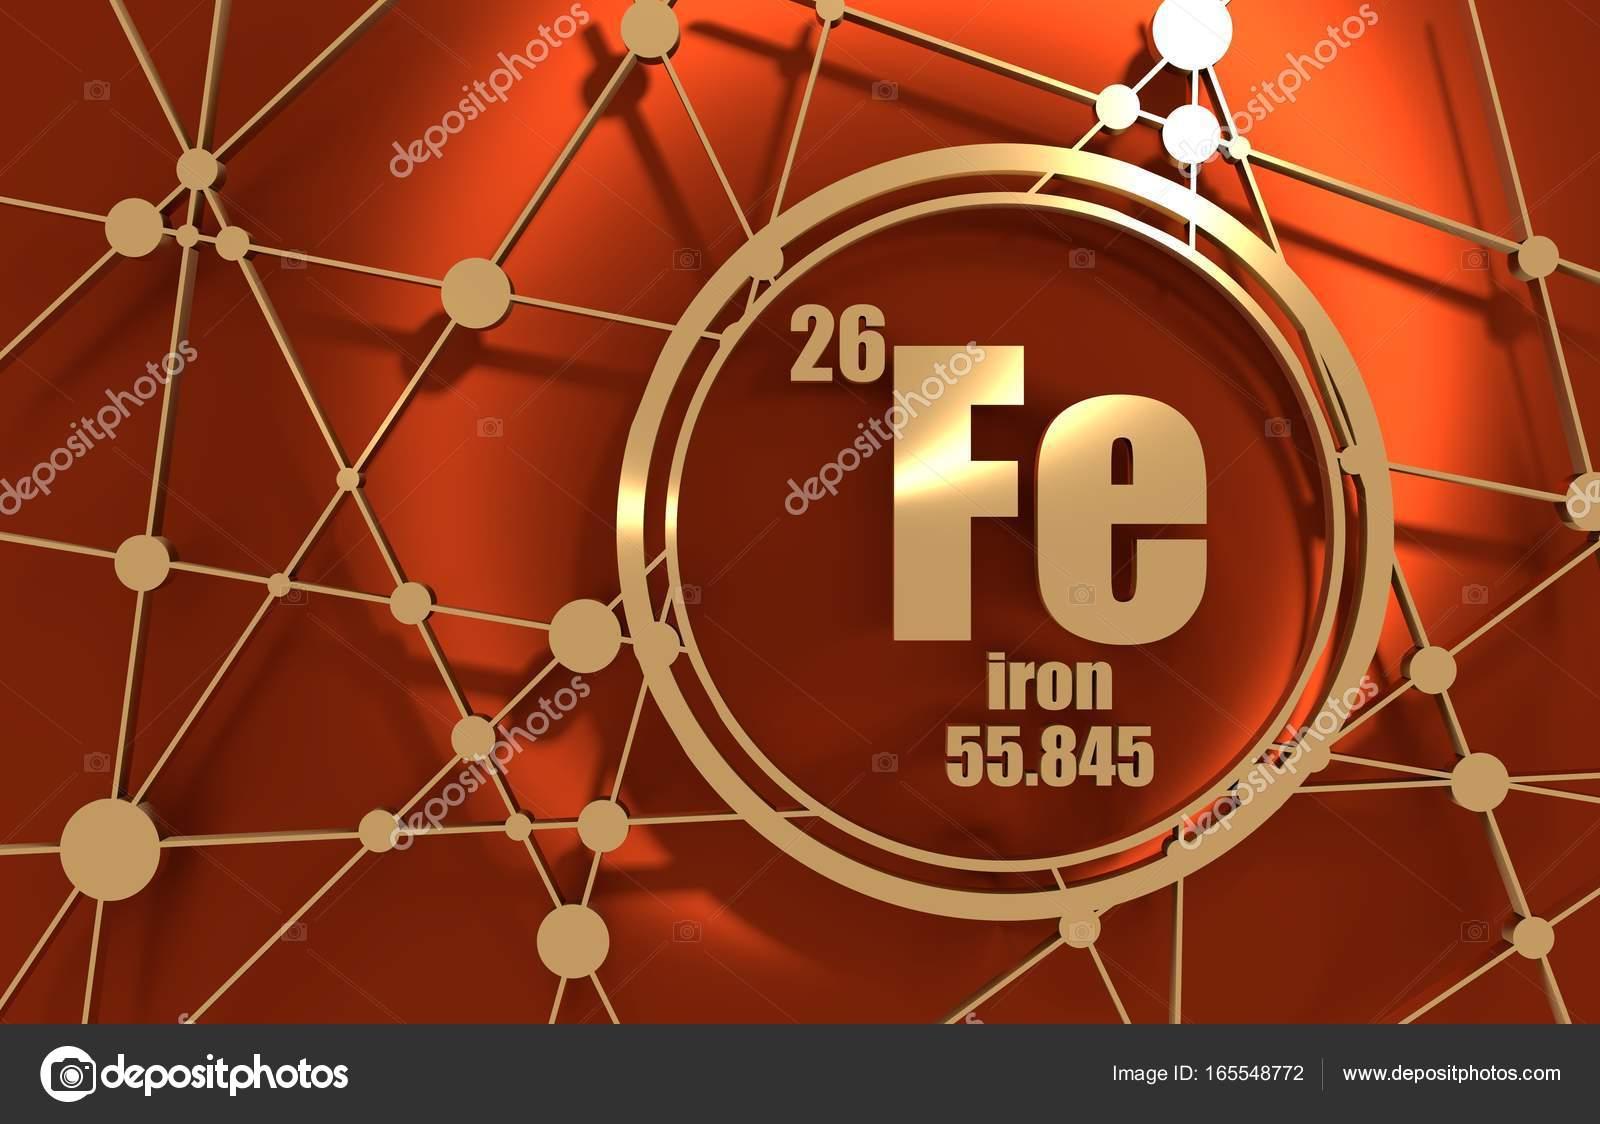 Elemento qumico hierro foto de stock jegasra 165548772 elemento qumico del hierro firmar con el nmero atmico y peso atmico elemento qumico de tabla peridica molcula y el fondo de la comunicacin urtaz Images